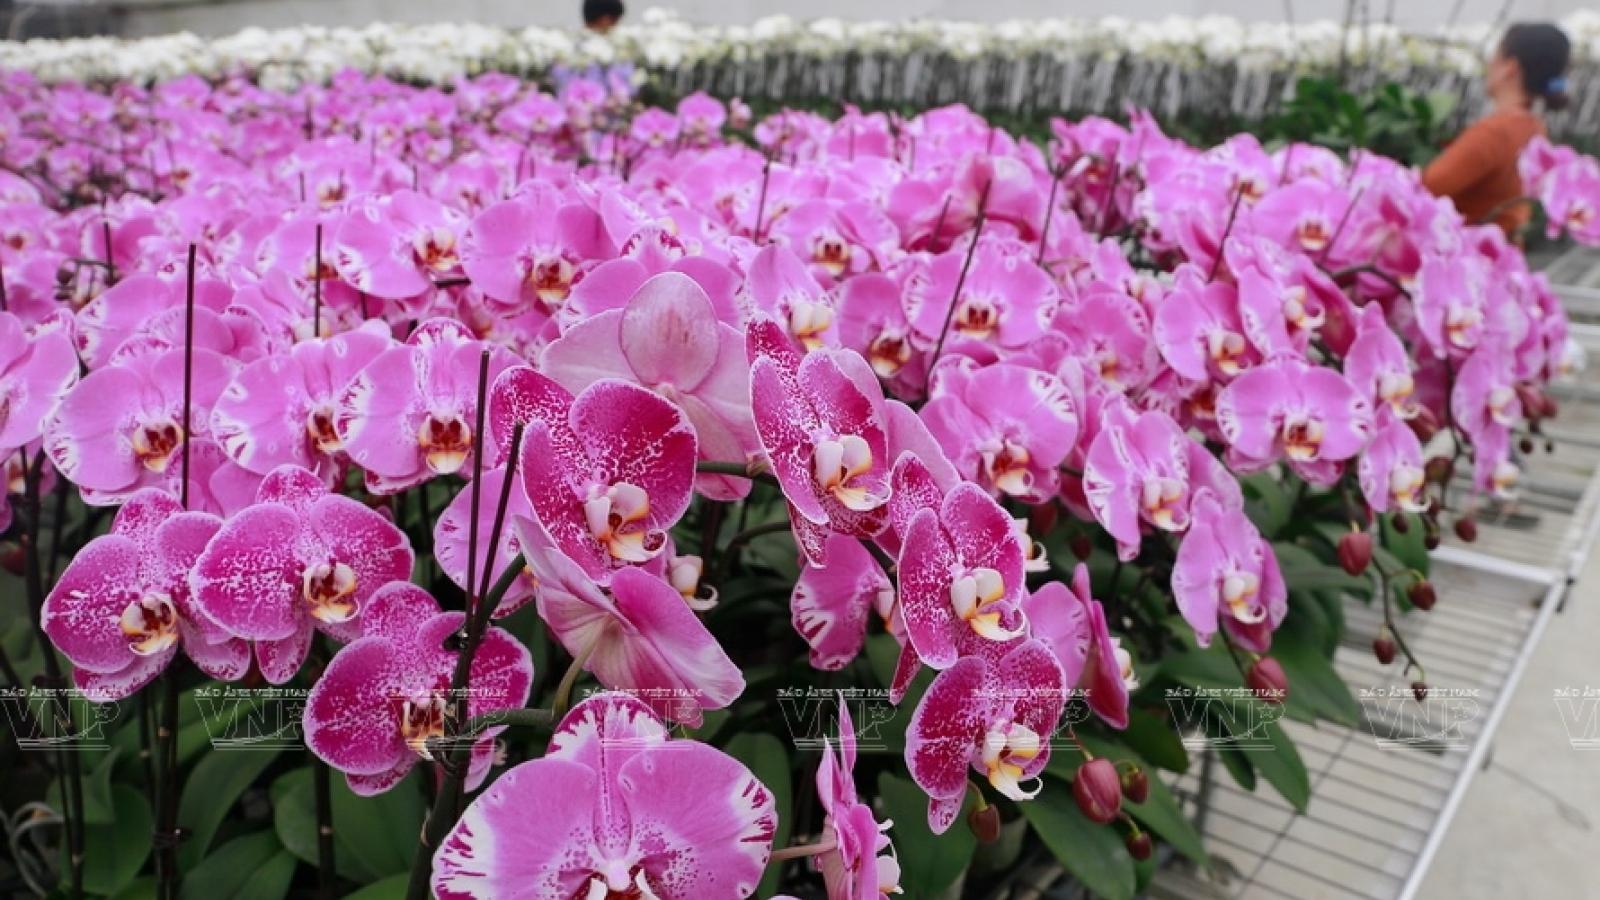 Thu nhập hàng tỷ đồng từ trồng hoa, cây cảnh